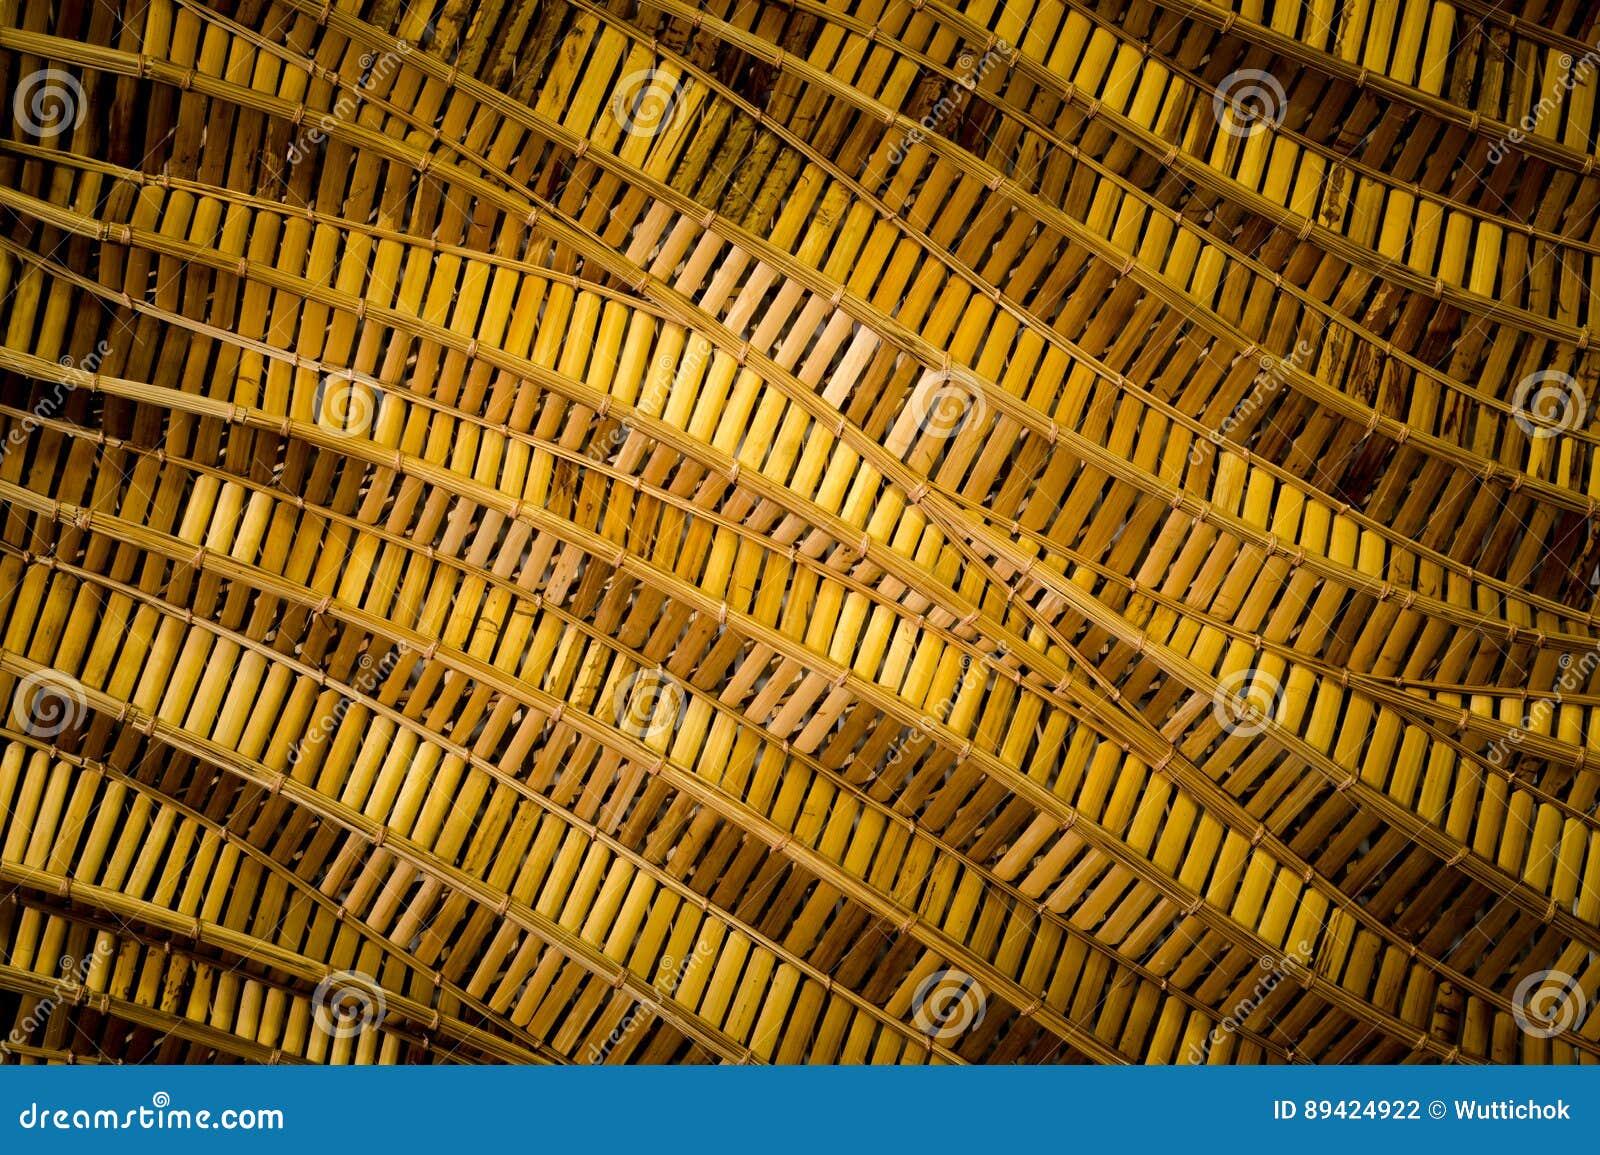 Fundo da natureza do surfa marrom do bambu da textura do weave do artesanato